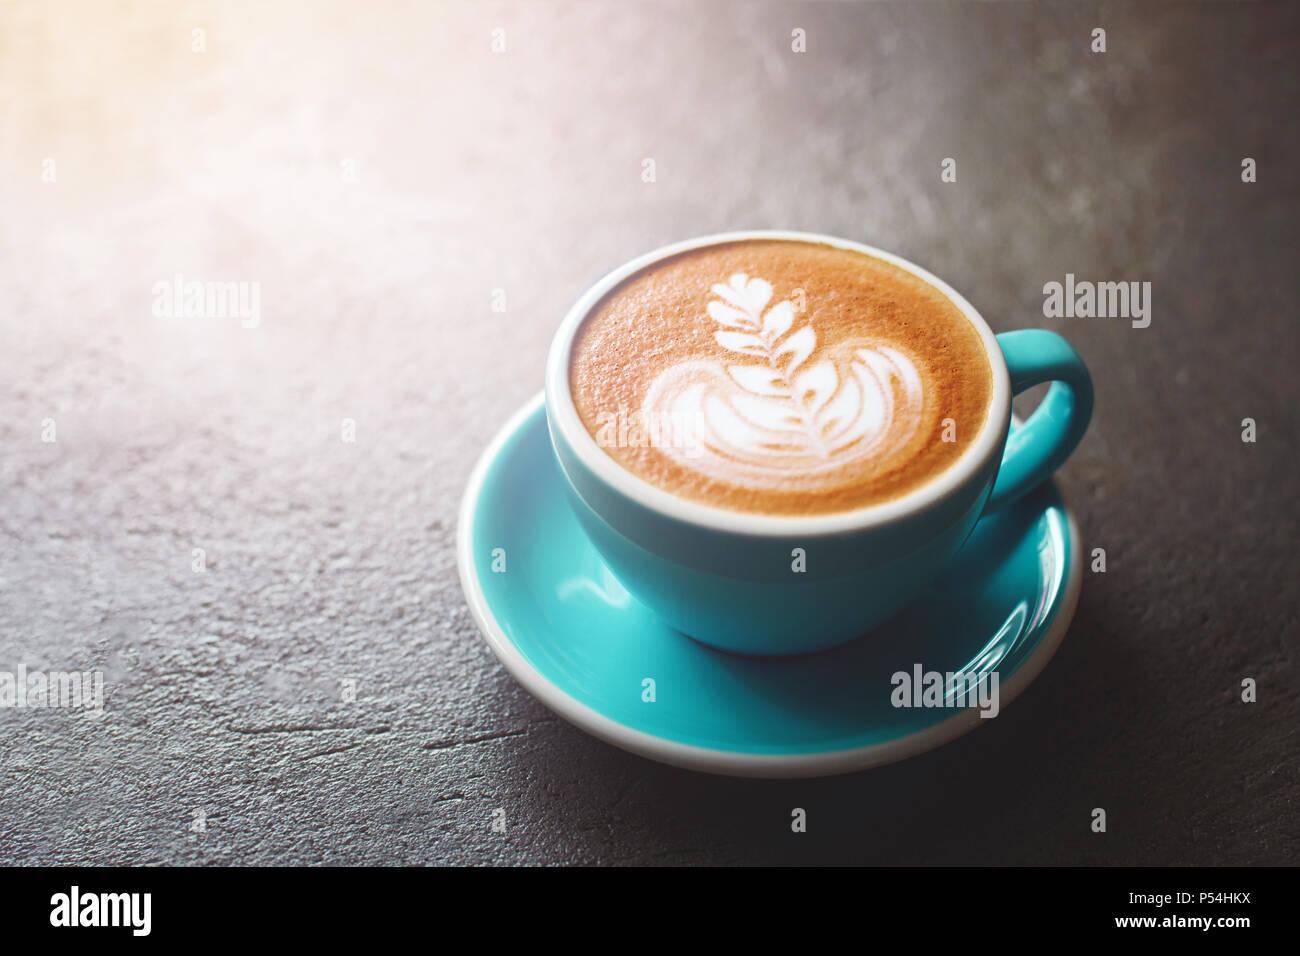 Eine Tasse Cappuccino mit schönen latte Kunst auf Tisch aus Stein. Morgenstimmung Konzept. Stockfoto